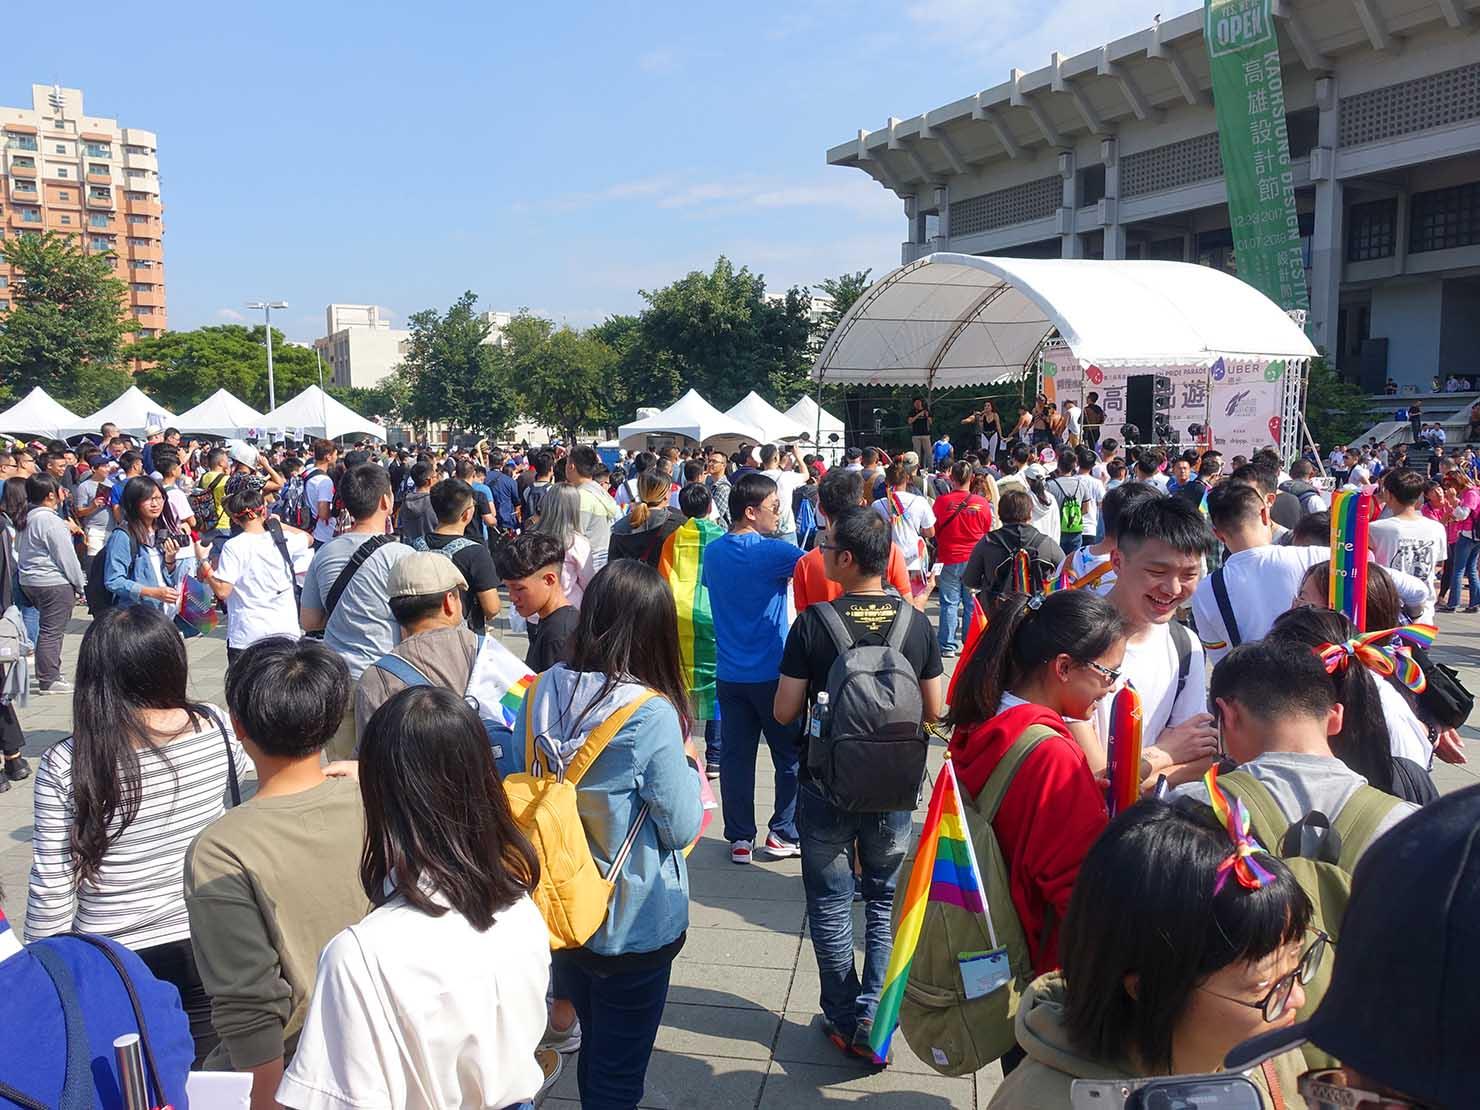 高雄同志大遊行(高雄レインボーパレード)2017の会場に集まる参加者たち